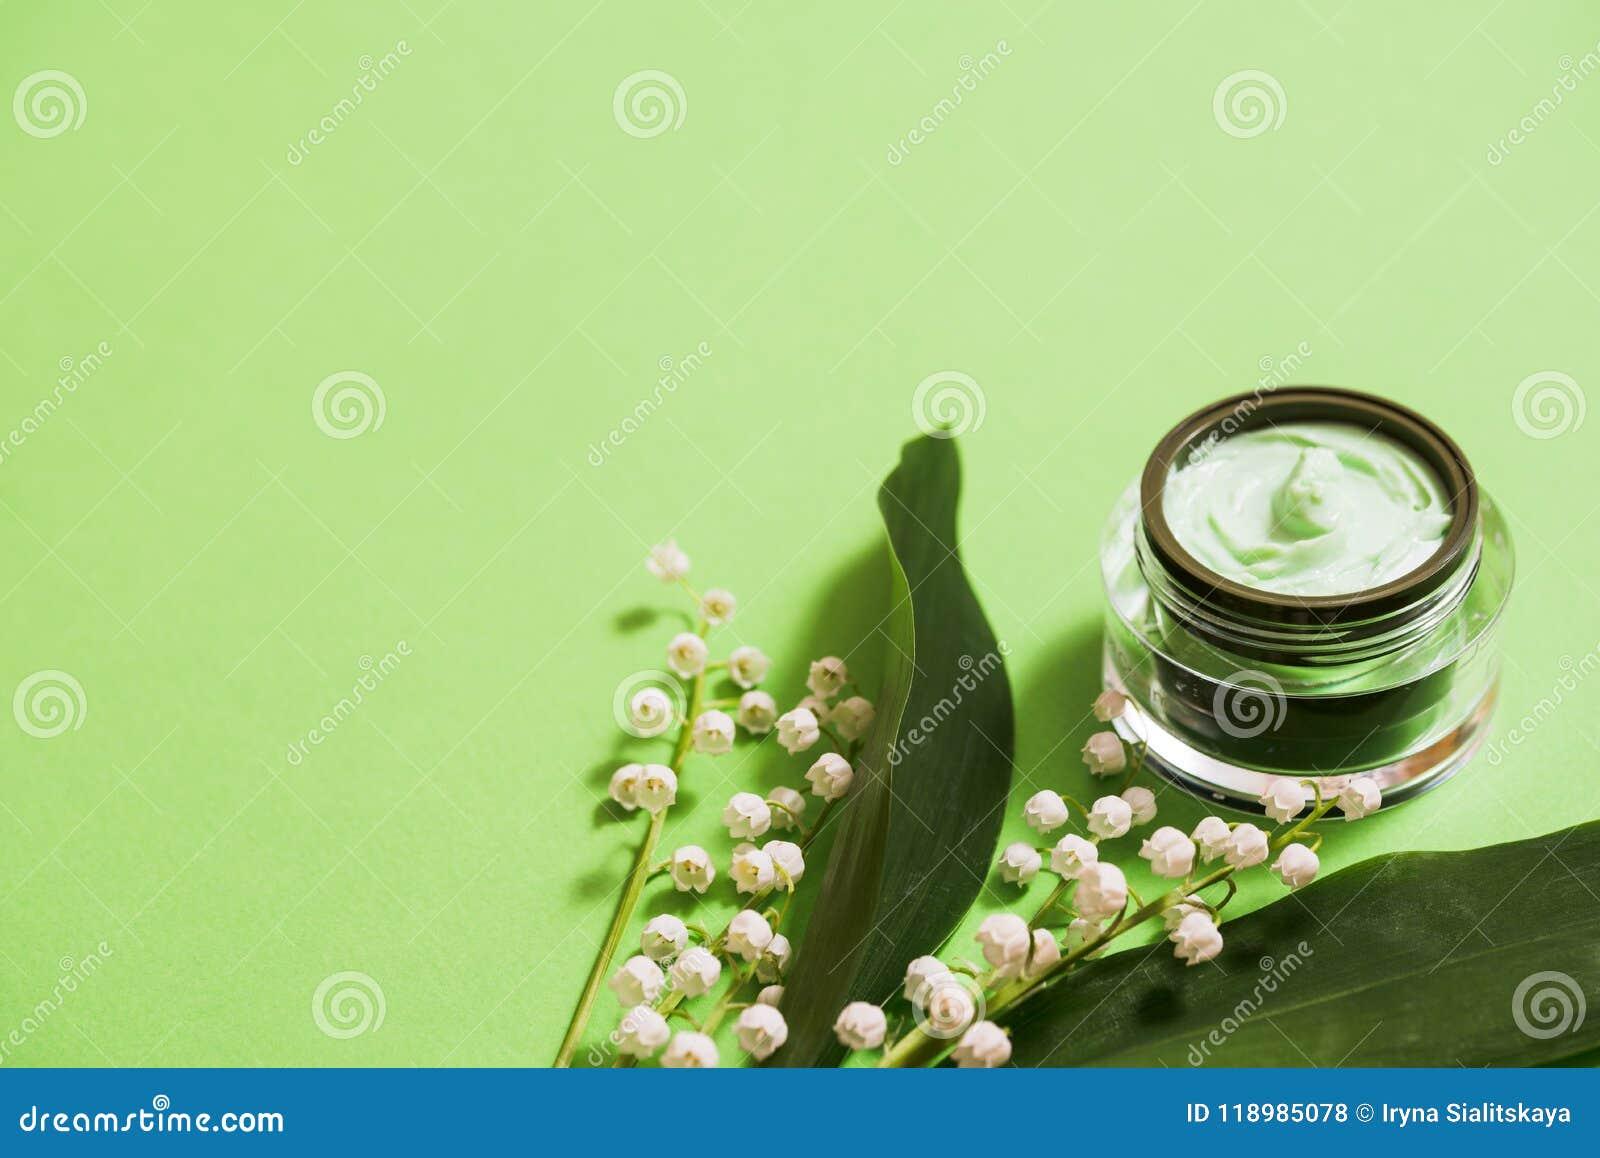 在绿色背景的化妆奶油和铃兰花